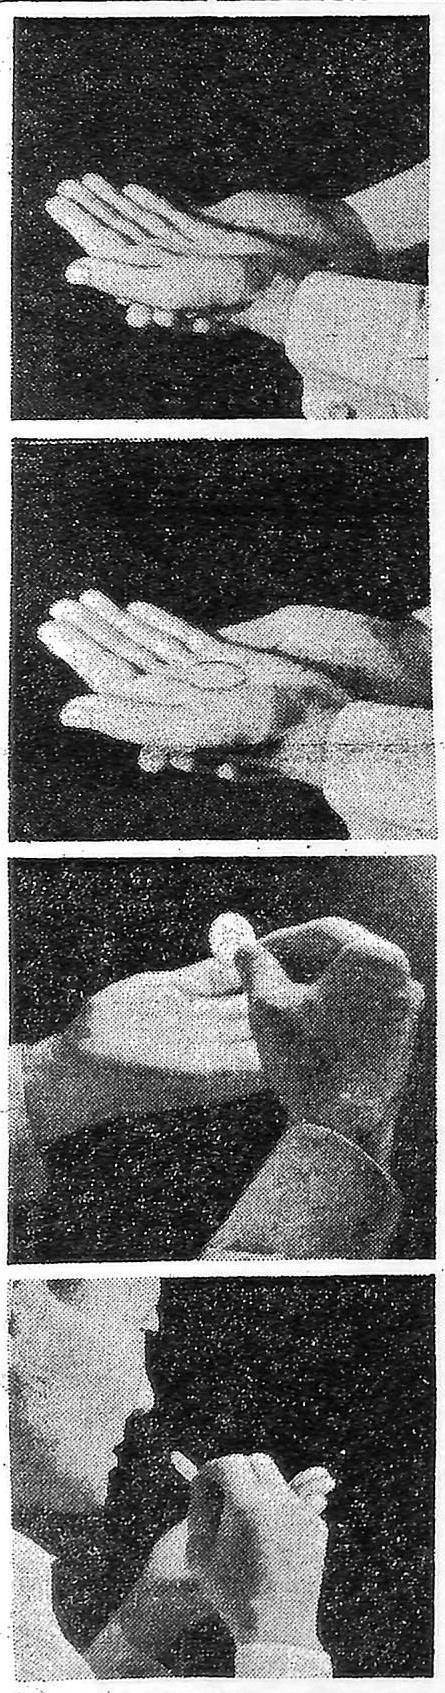 聖体拝領に新方式(1970年10月11日付カトリック新聞)